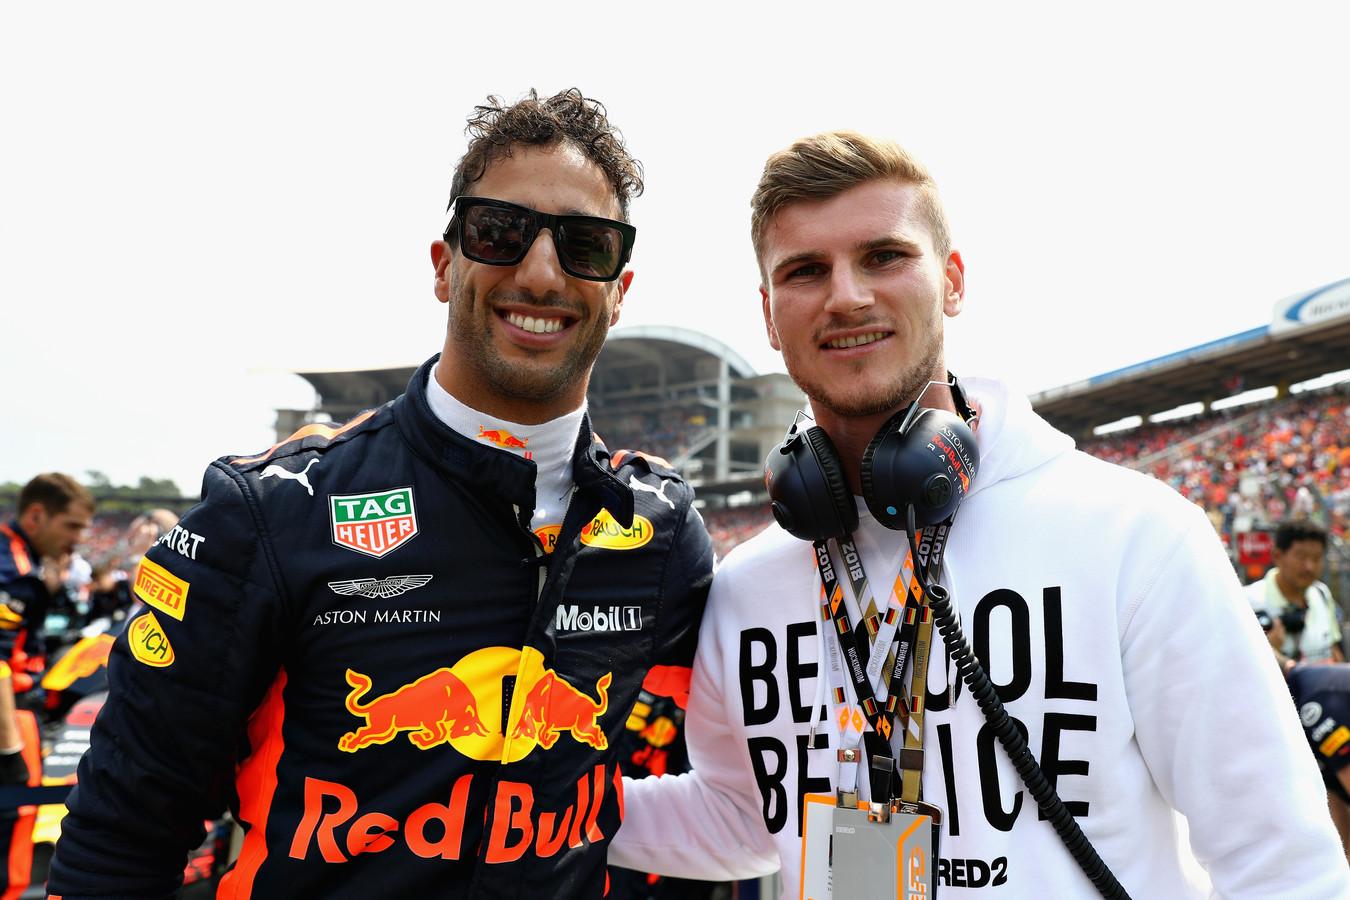 Daniel Ricciardo met Timo Werner voor de Grand Prix van Duitsland op zondag 22 juli.